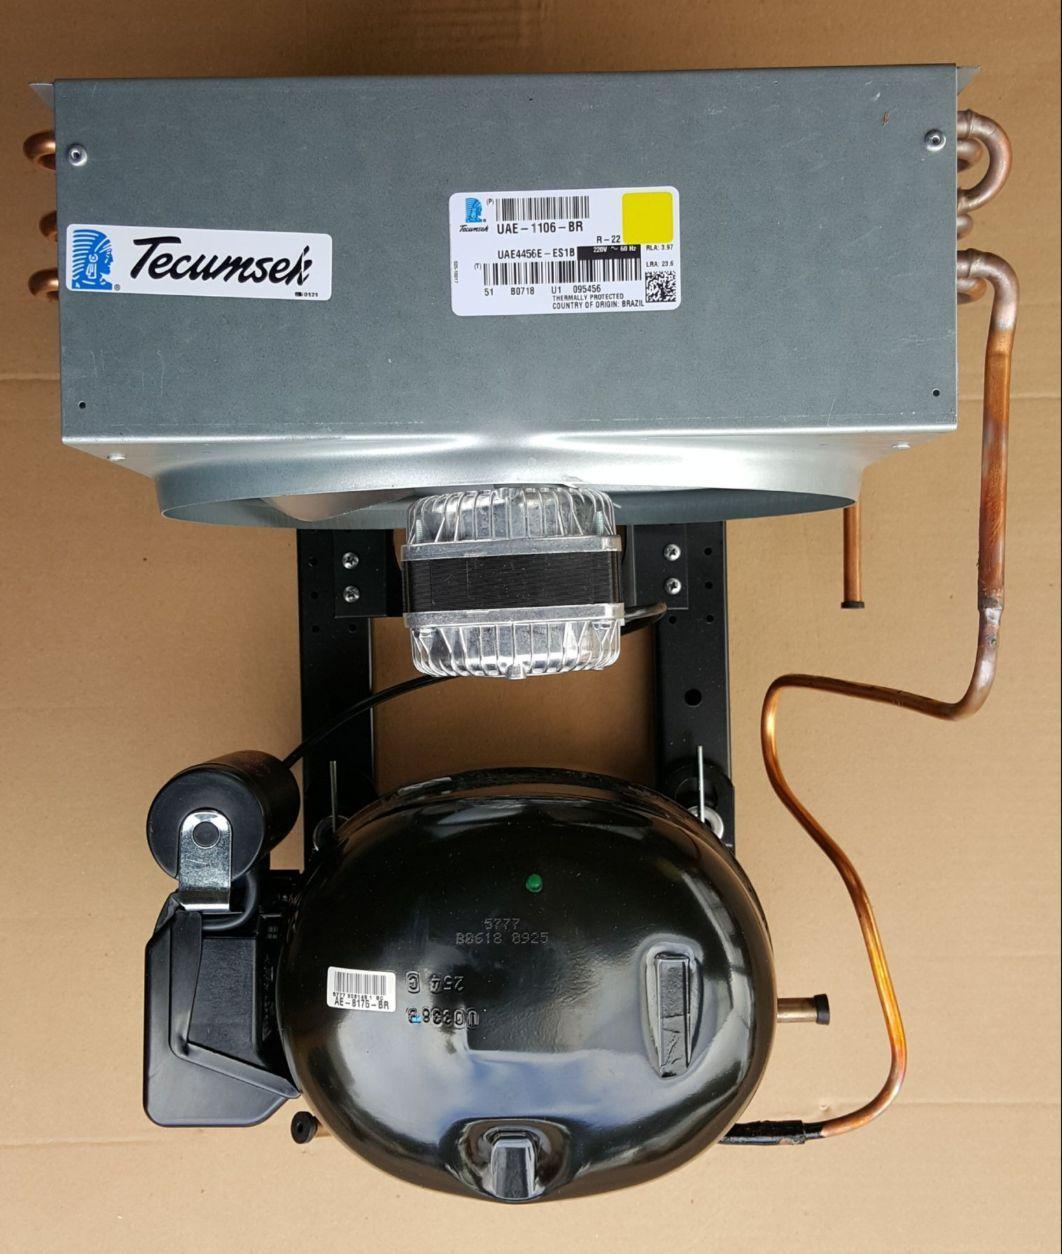 UNIDADE CONDENSADORA TECUMSEH - 1/2 HP - 220v - R22- Modelo UAE4456E